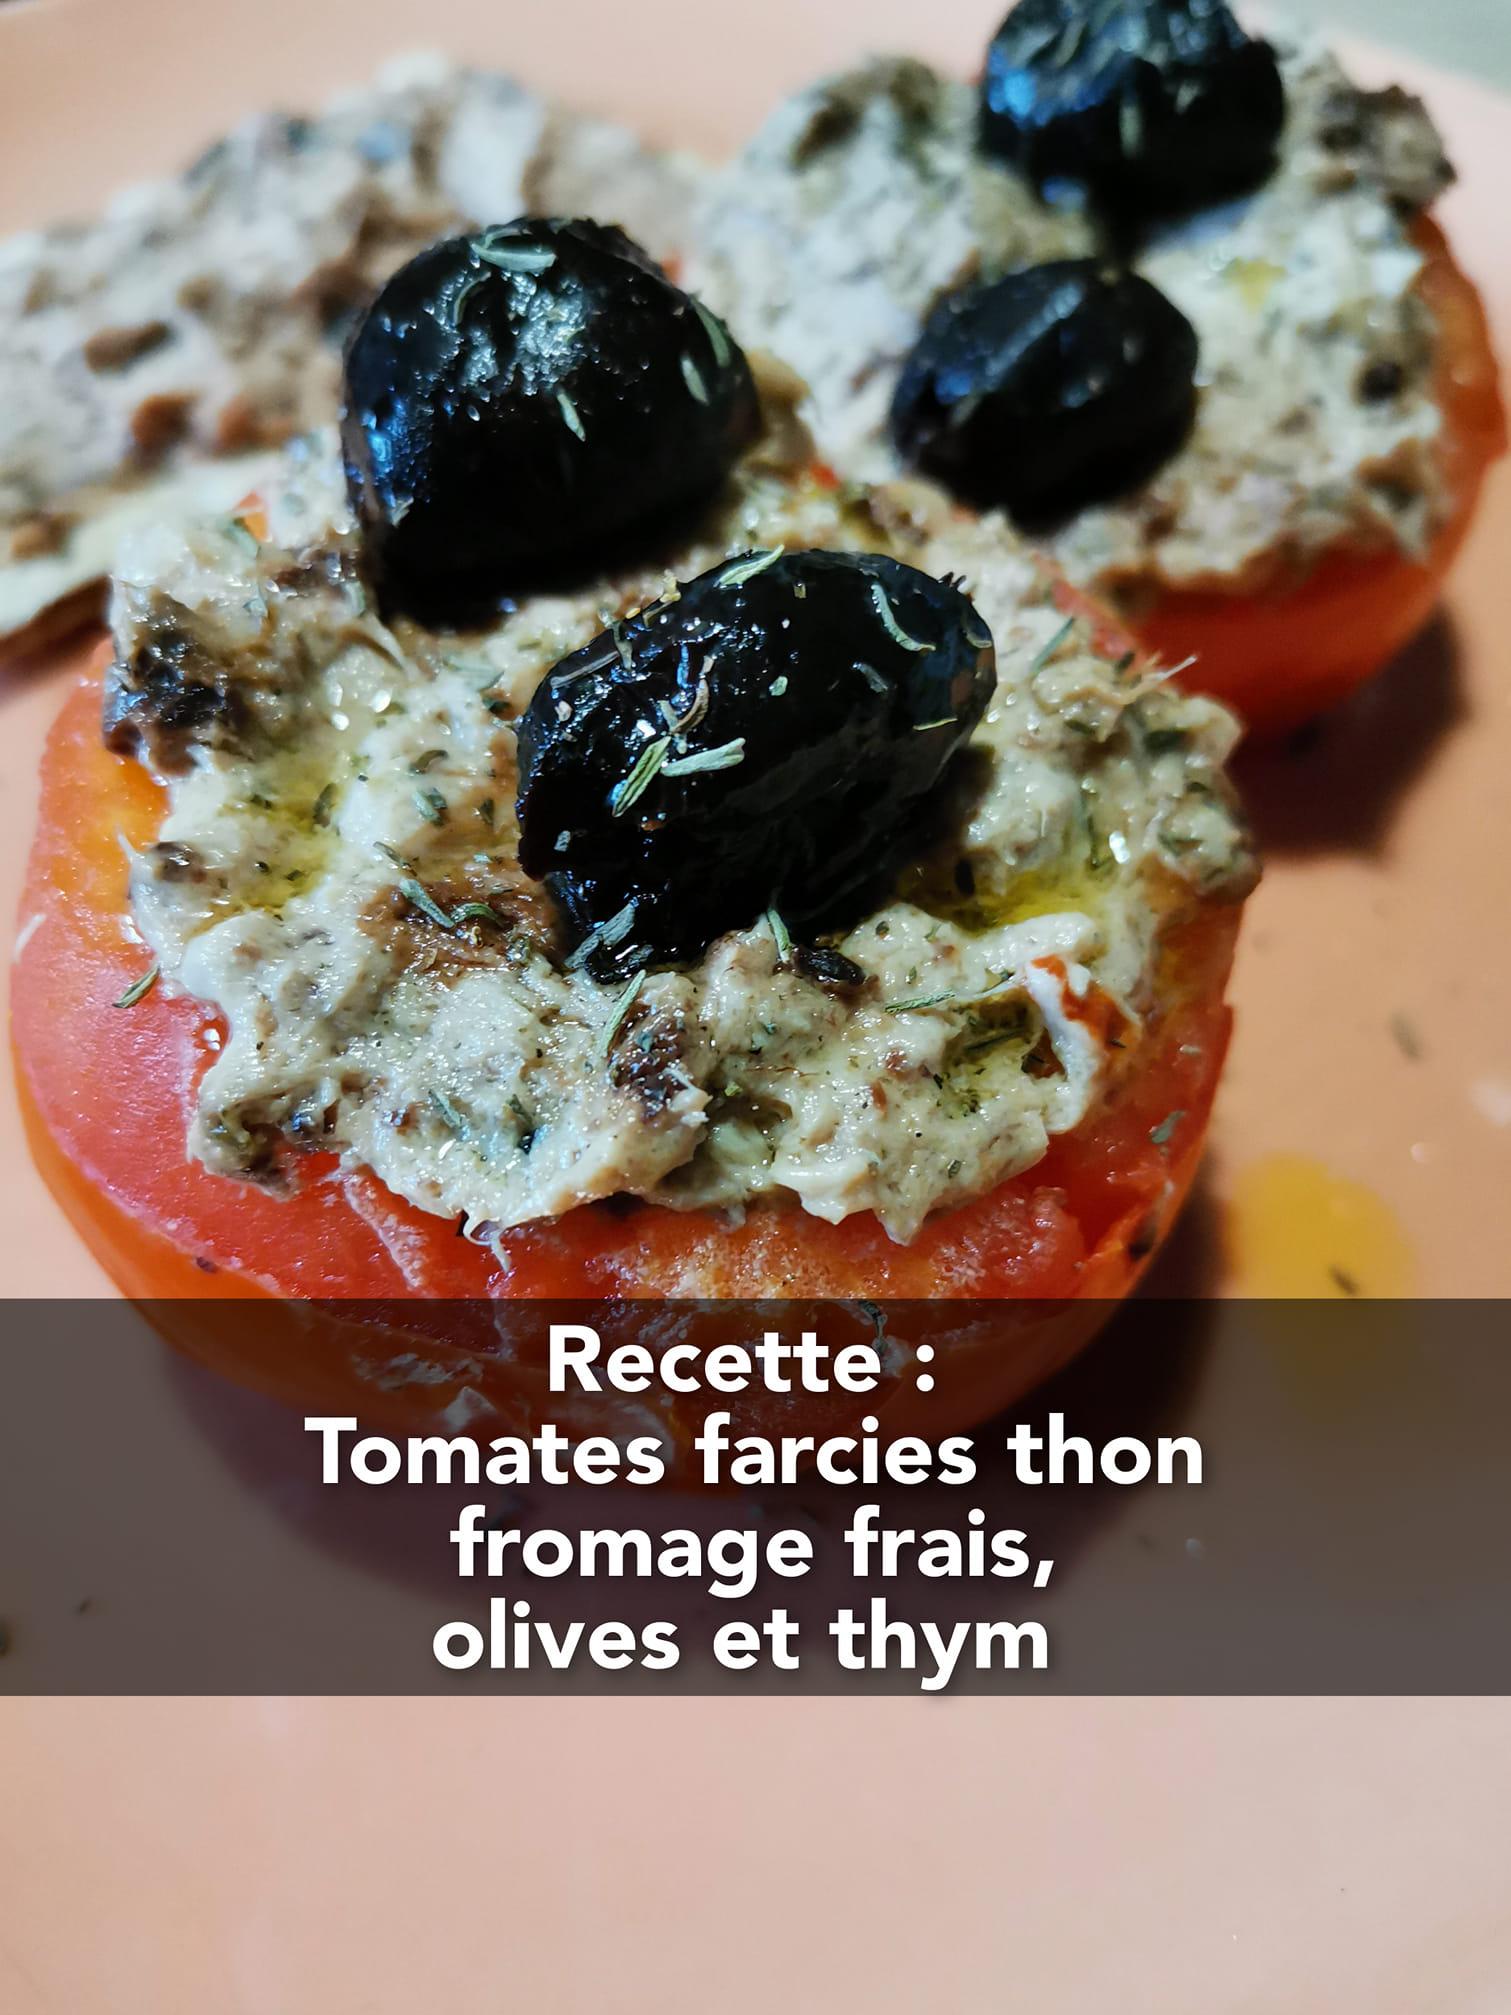 Recette riche en protéines : tomates farcies au thon, fromage frais, olives et thym